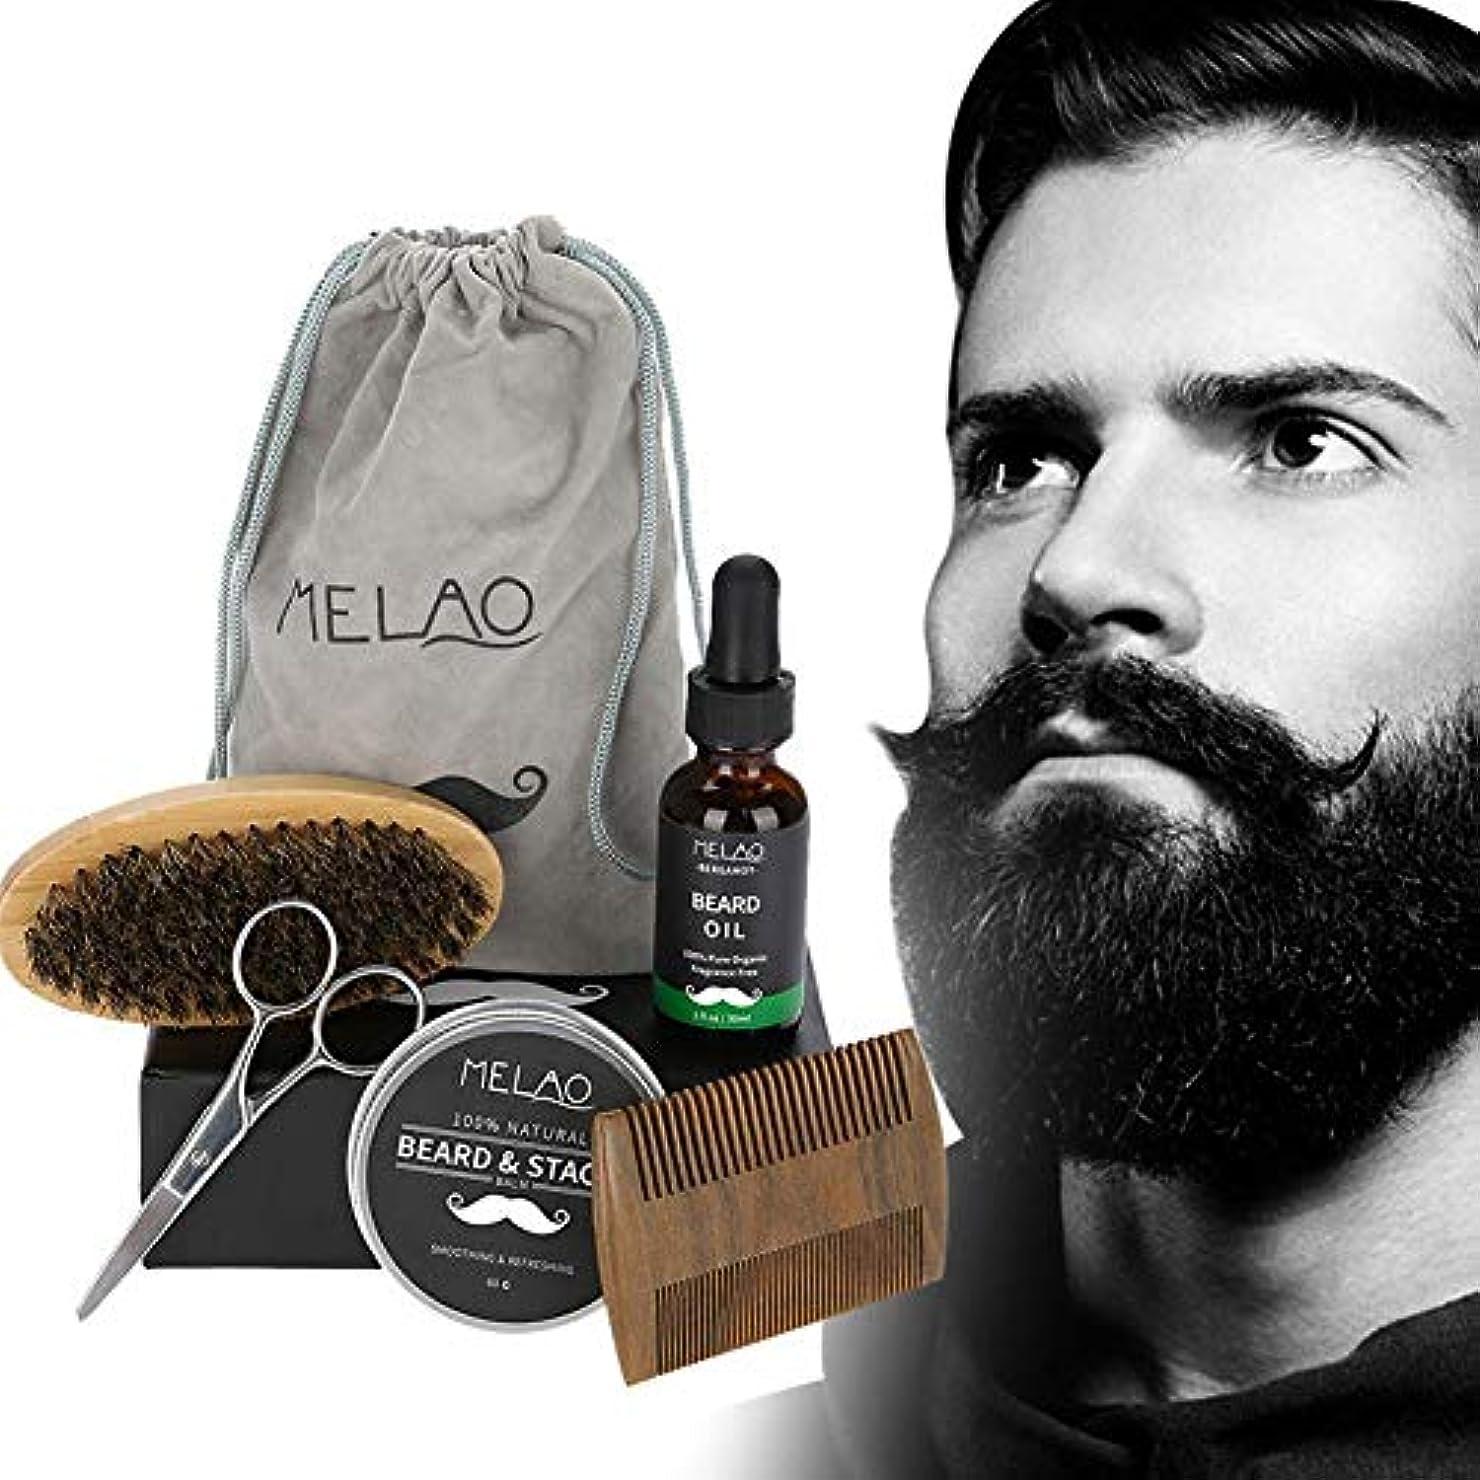 逃げる毛細血管無謀ビアードケアセット、髭ケア必需品 メンズひげクリーム シェービングトリートメント 保湿/滋養/ 携帯便利 最高の贈り物